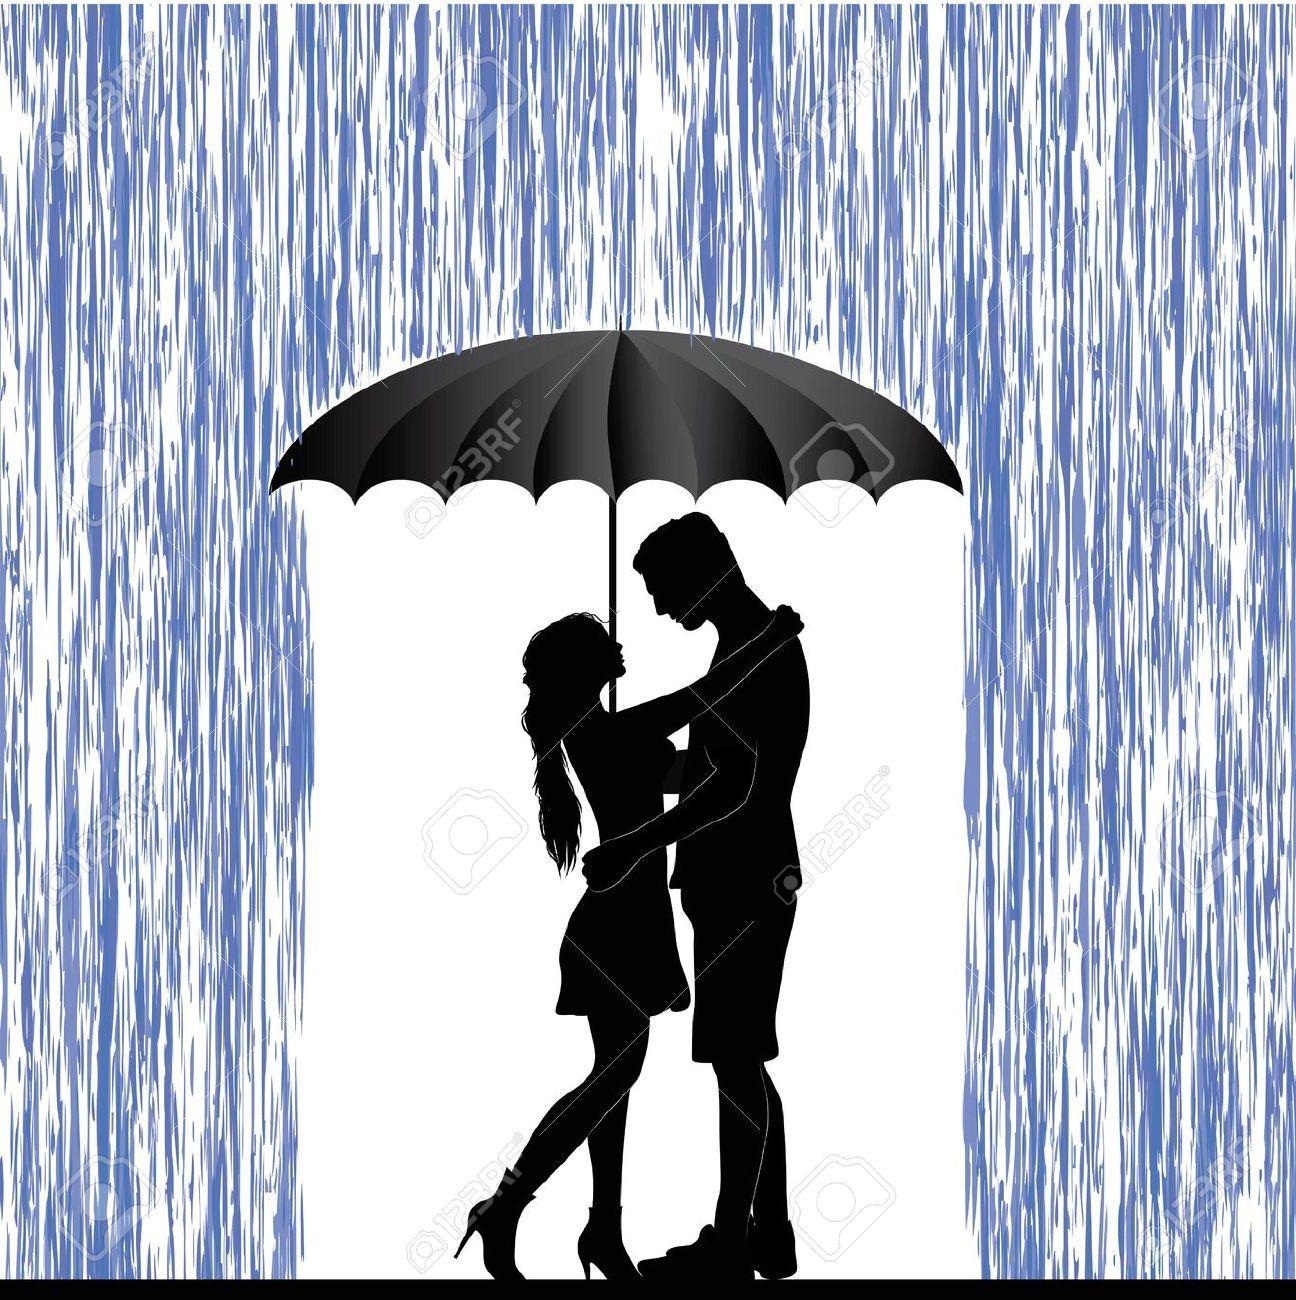 couple under umbrella stencil - Google Search | DIY in 2019 ... vector royalty free